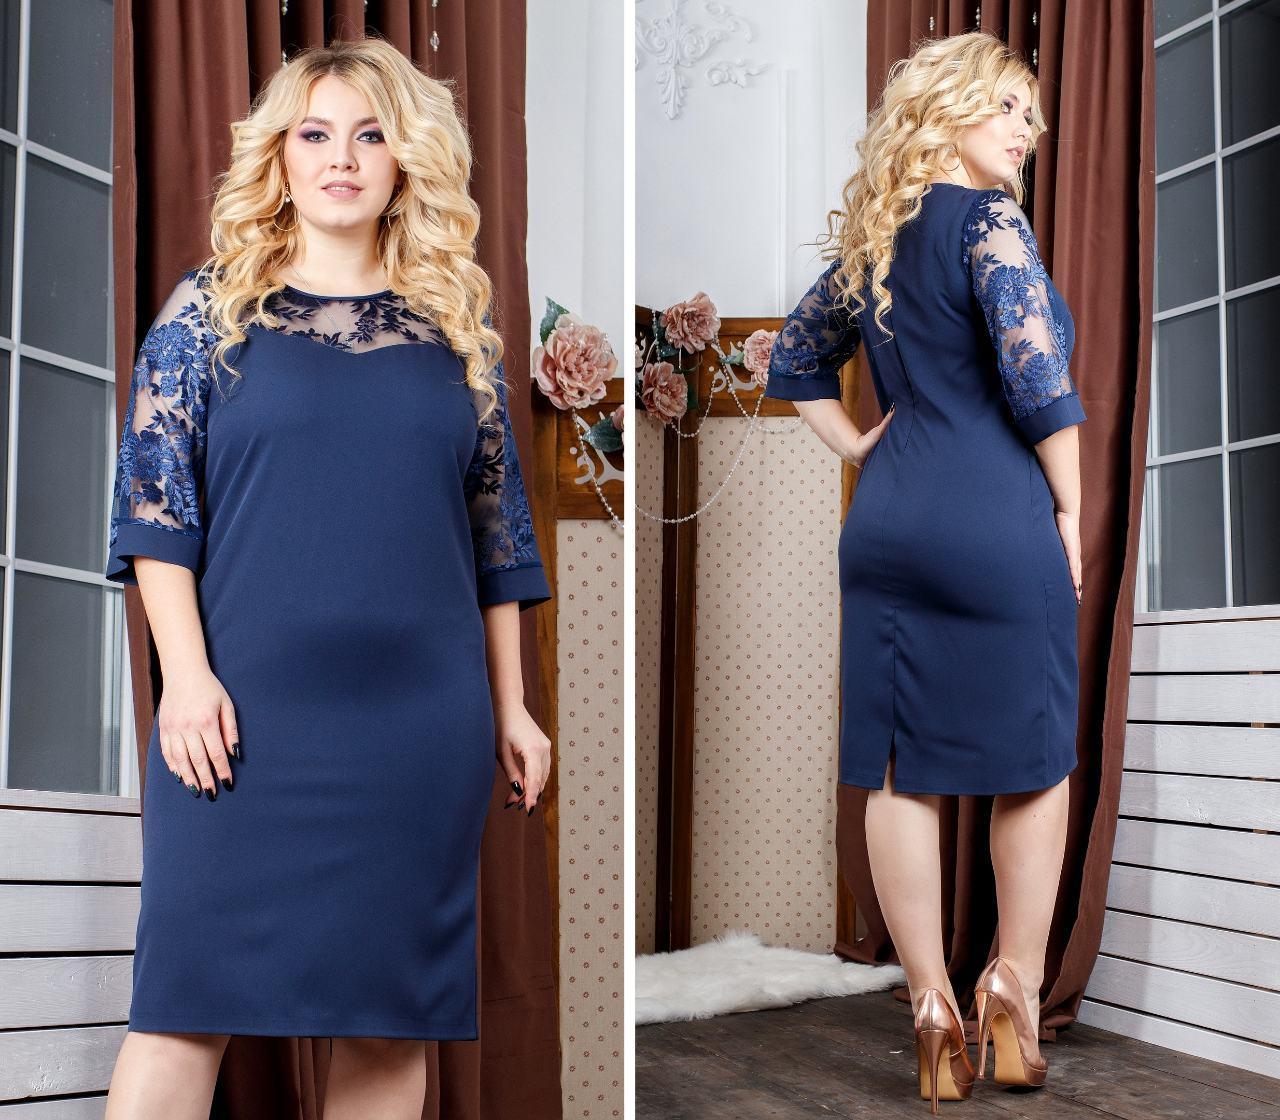 Платье женское с кружевным рукавам, креп, модель 132 батал, цвет - синий